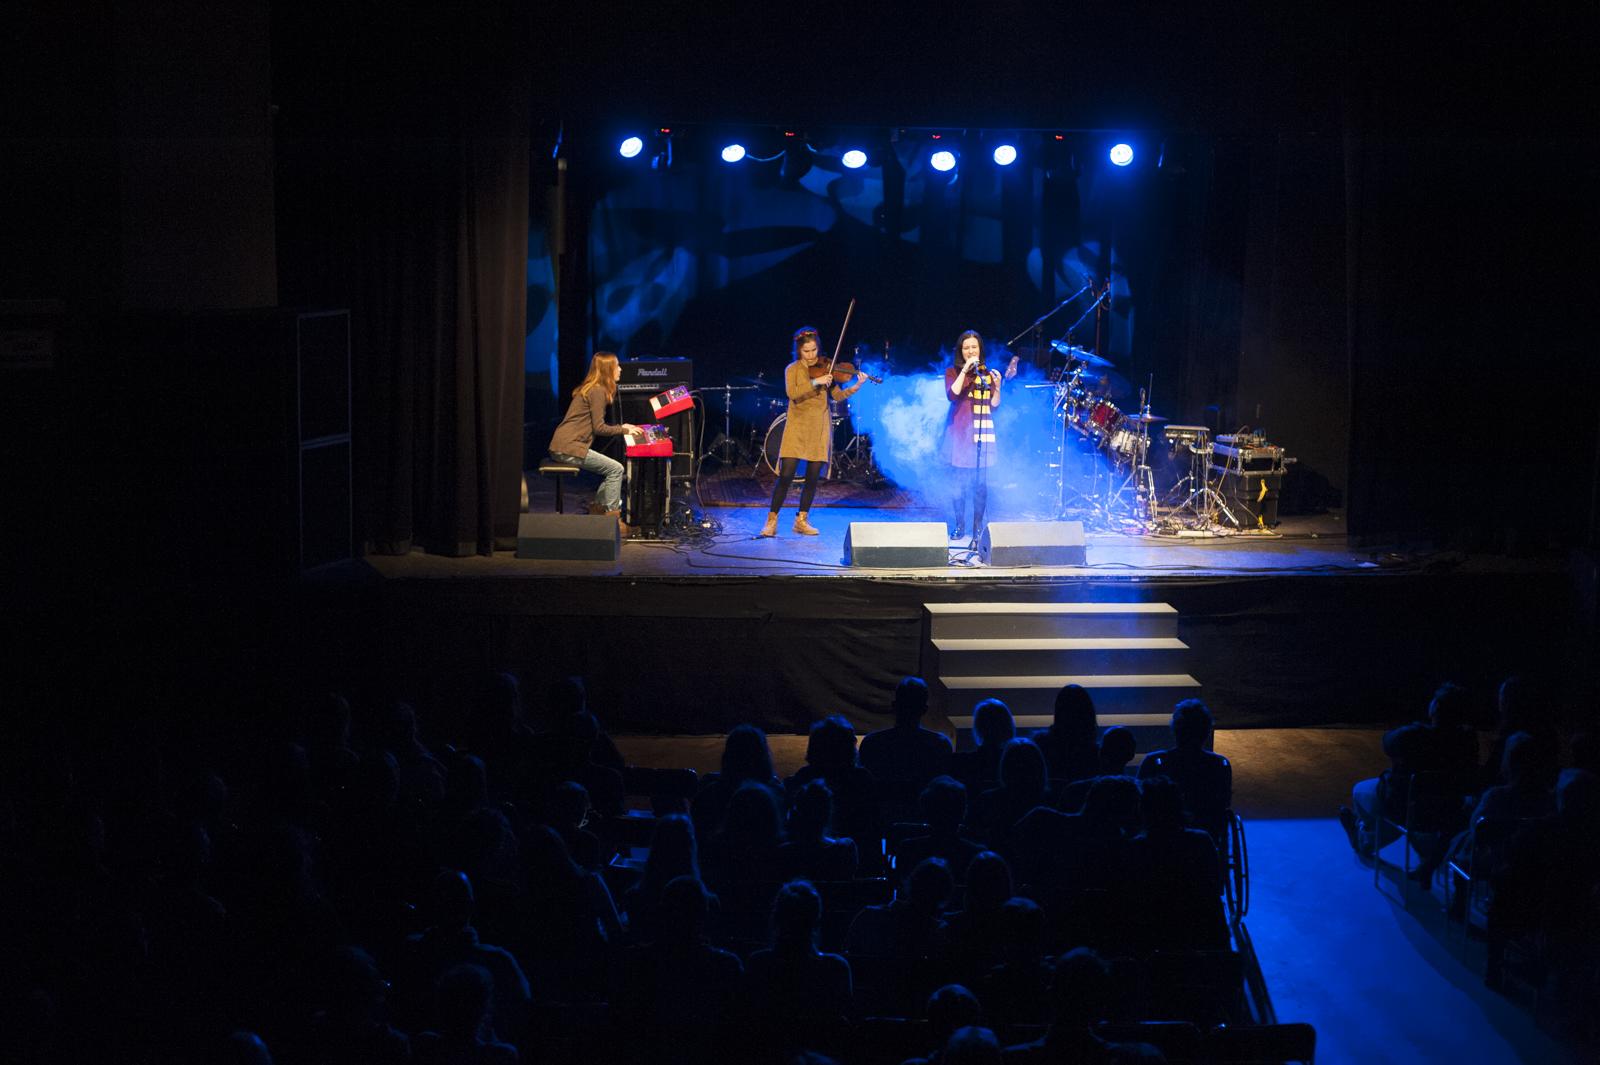 Zespół Lor podczas grudniowego koncertu w krakowskiej Rotundzie  (fot. studioNE.pl)